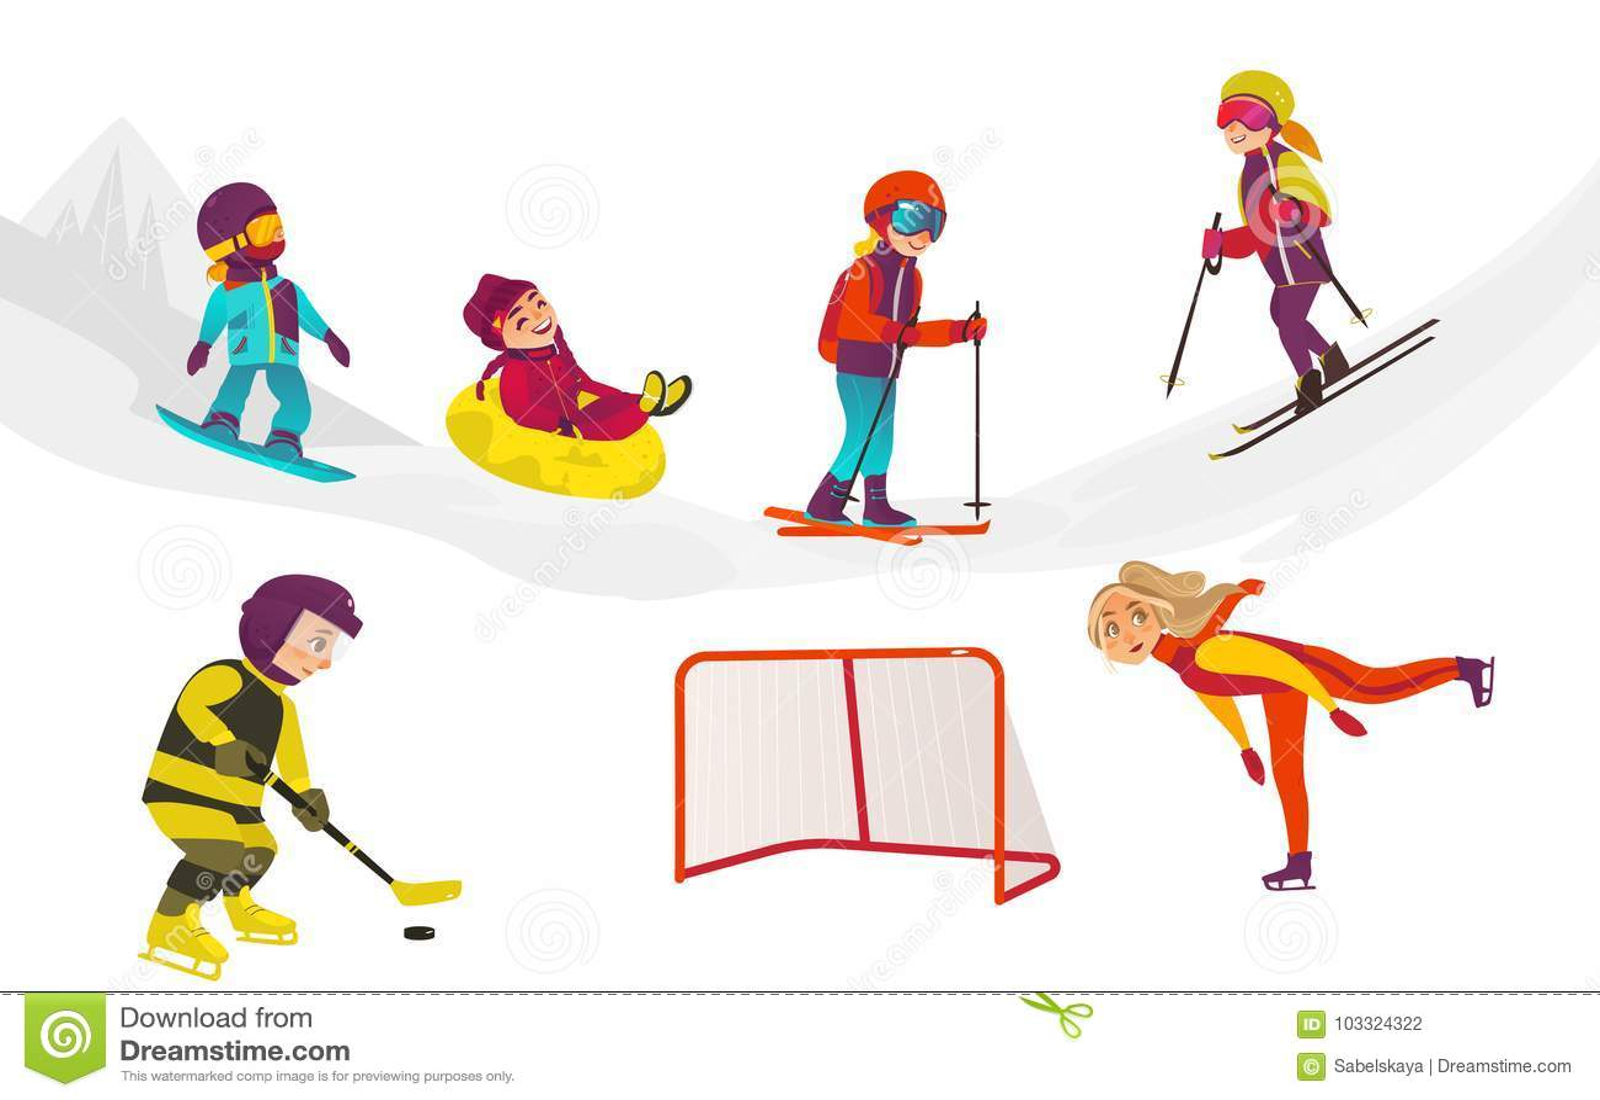 856c97083 Vector Flat Kids Doing Winter Outdoor Sport Set Stock Vector ...